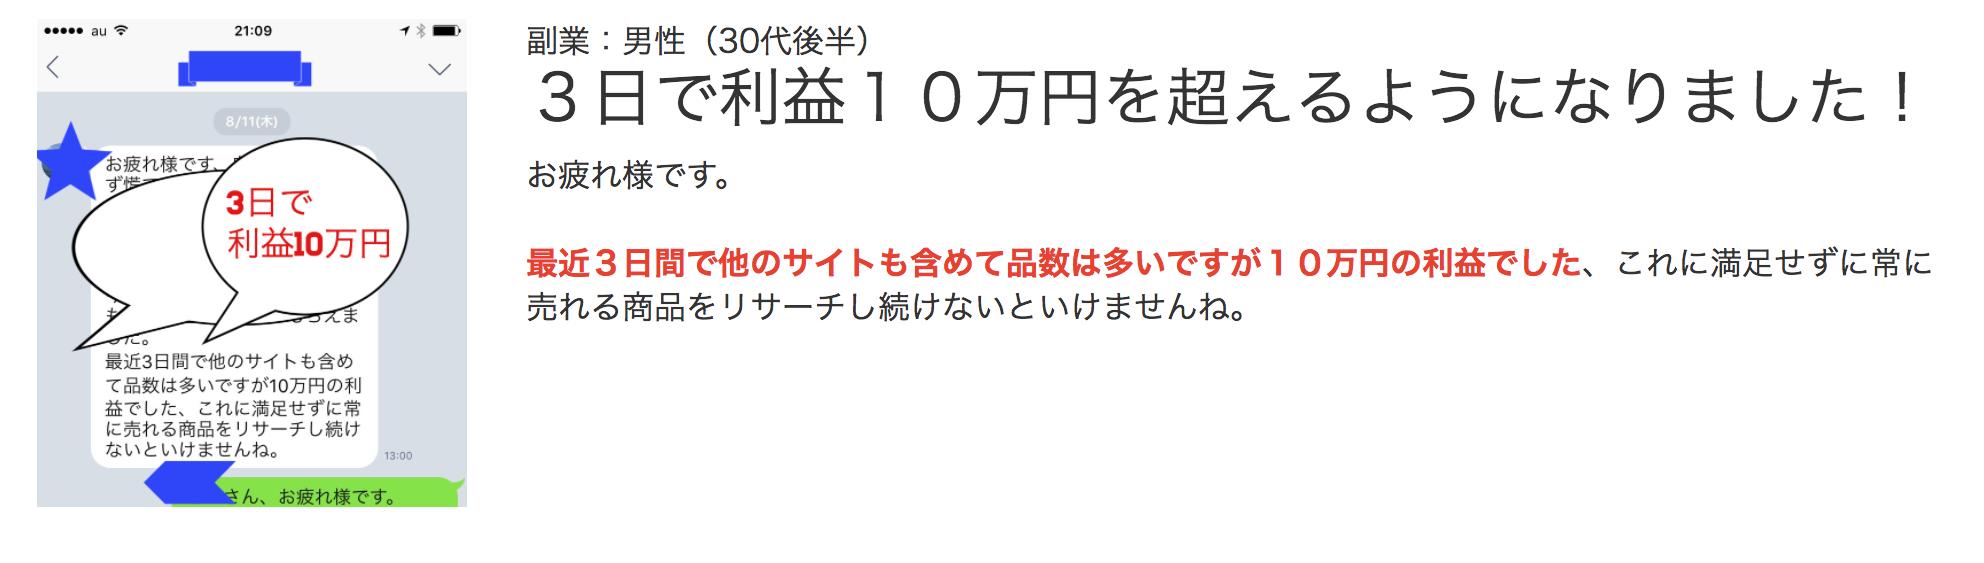 3日で利益10万円